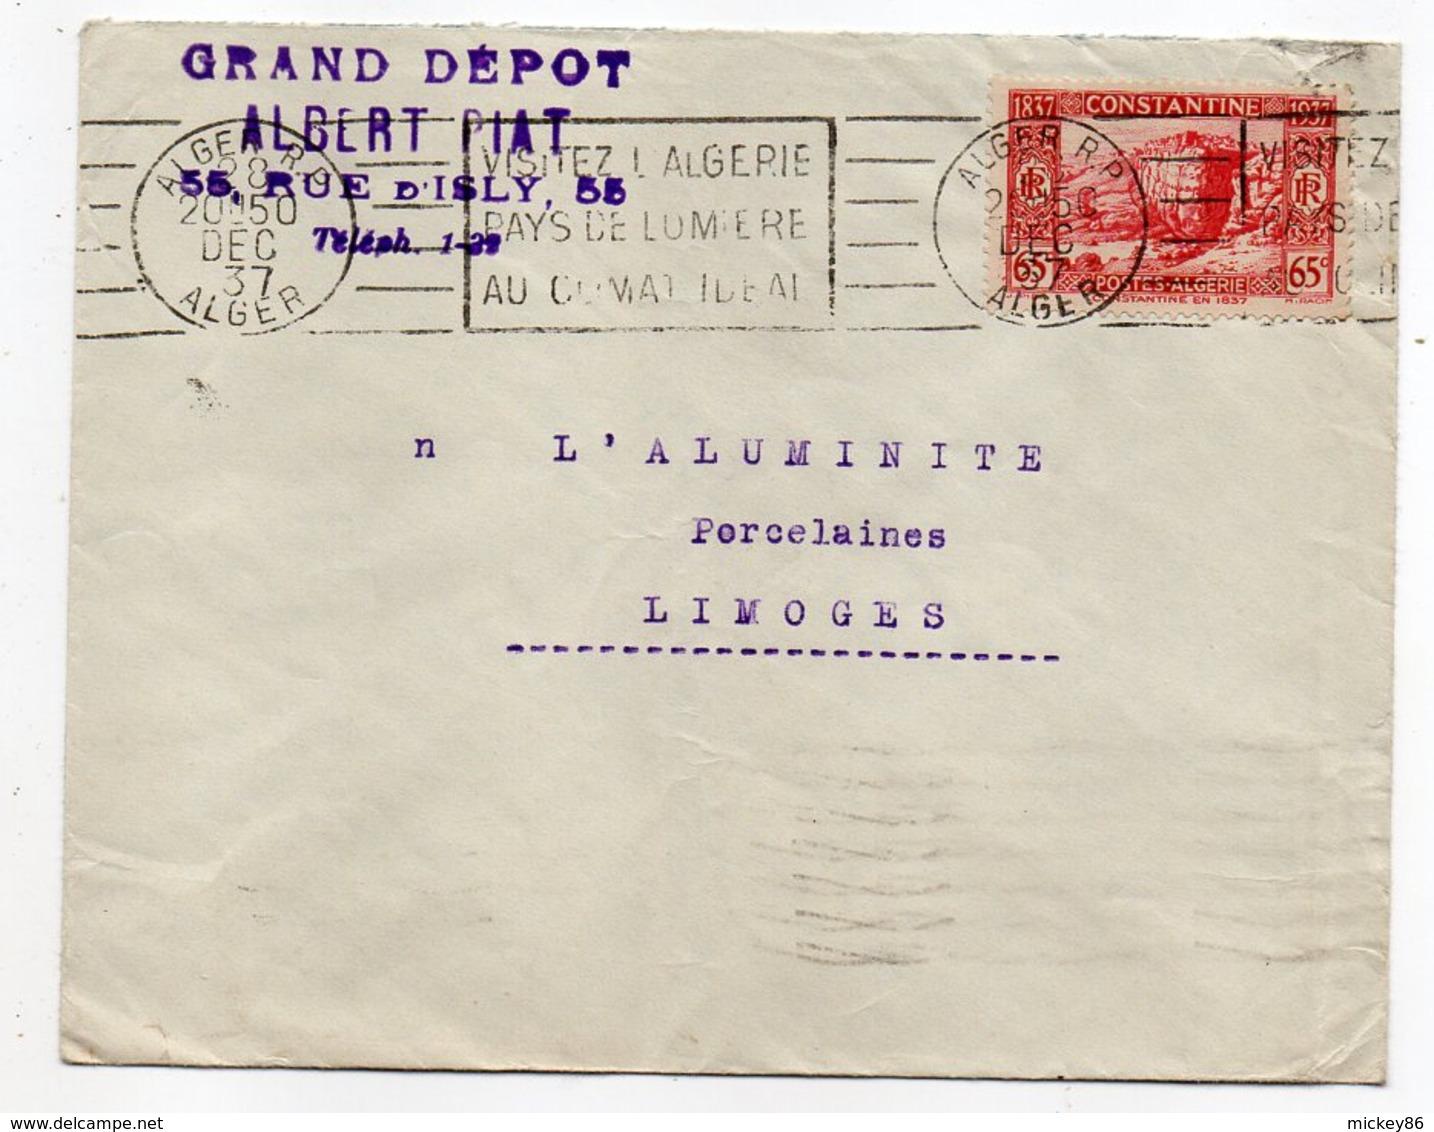 Algérie --1937--Lettre De  ALGER  R.P Pour LIMOGES (France)- Timbre Seul Sur Lettre --Cachet  Mécanique--Gd Dépôt A.Piat - Lettres & Documents